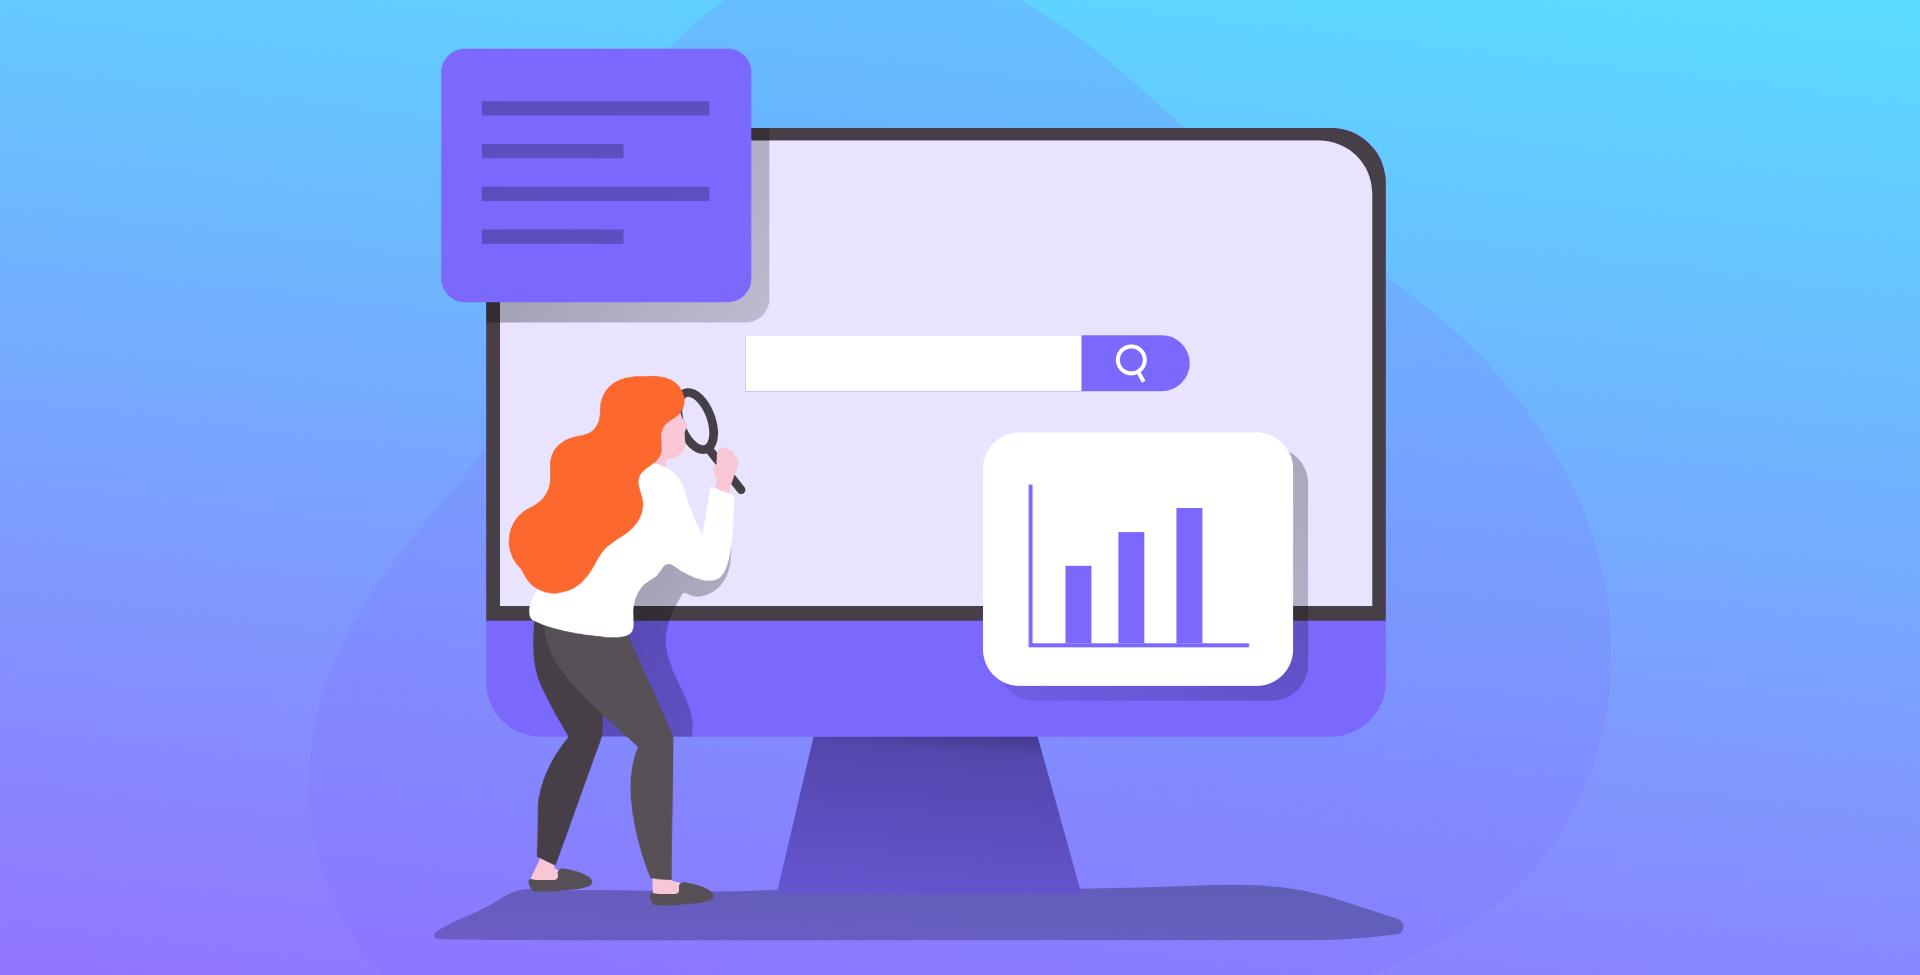 Как сделать так, чтобы ваш сайт появился первым в Google?